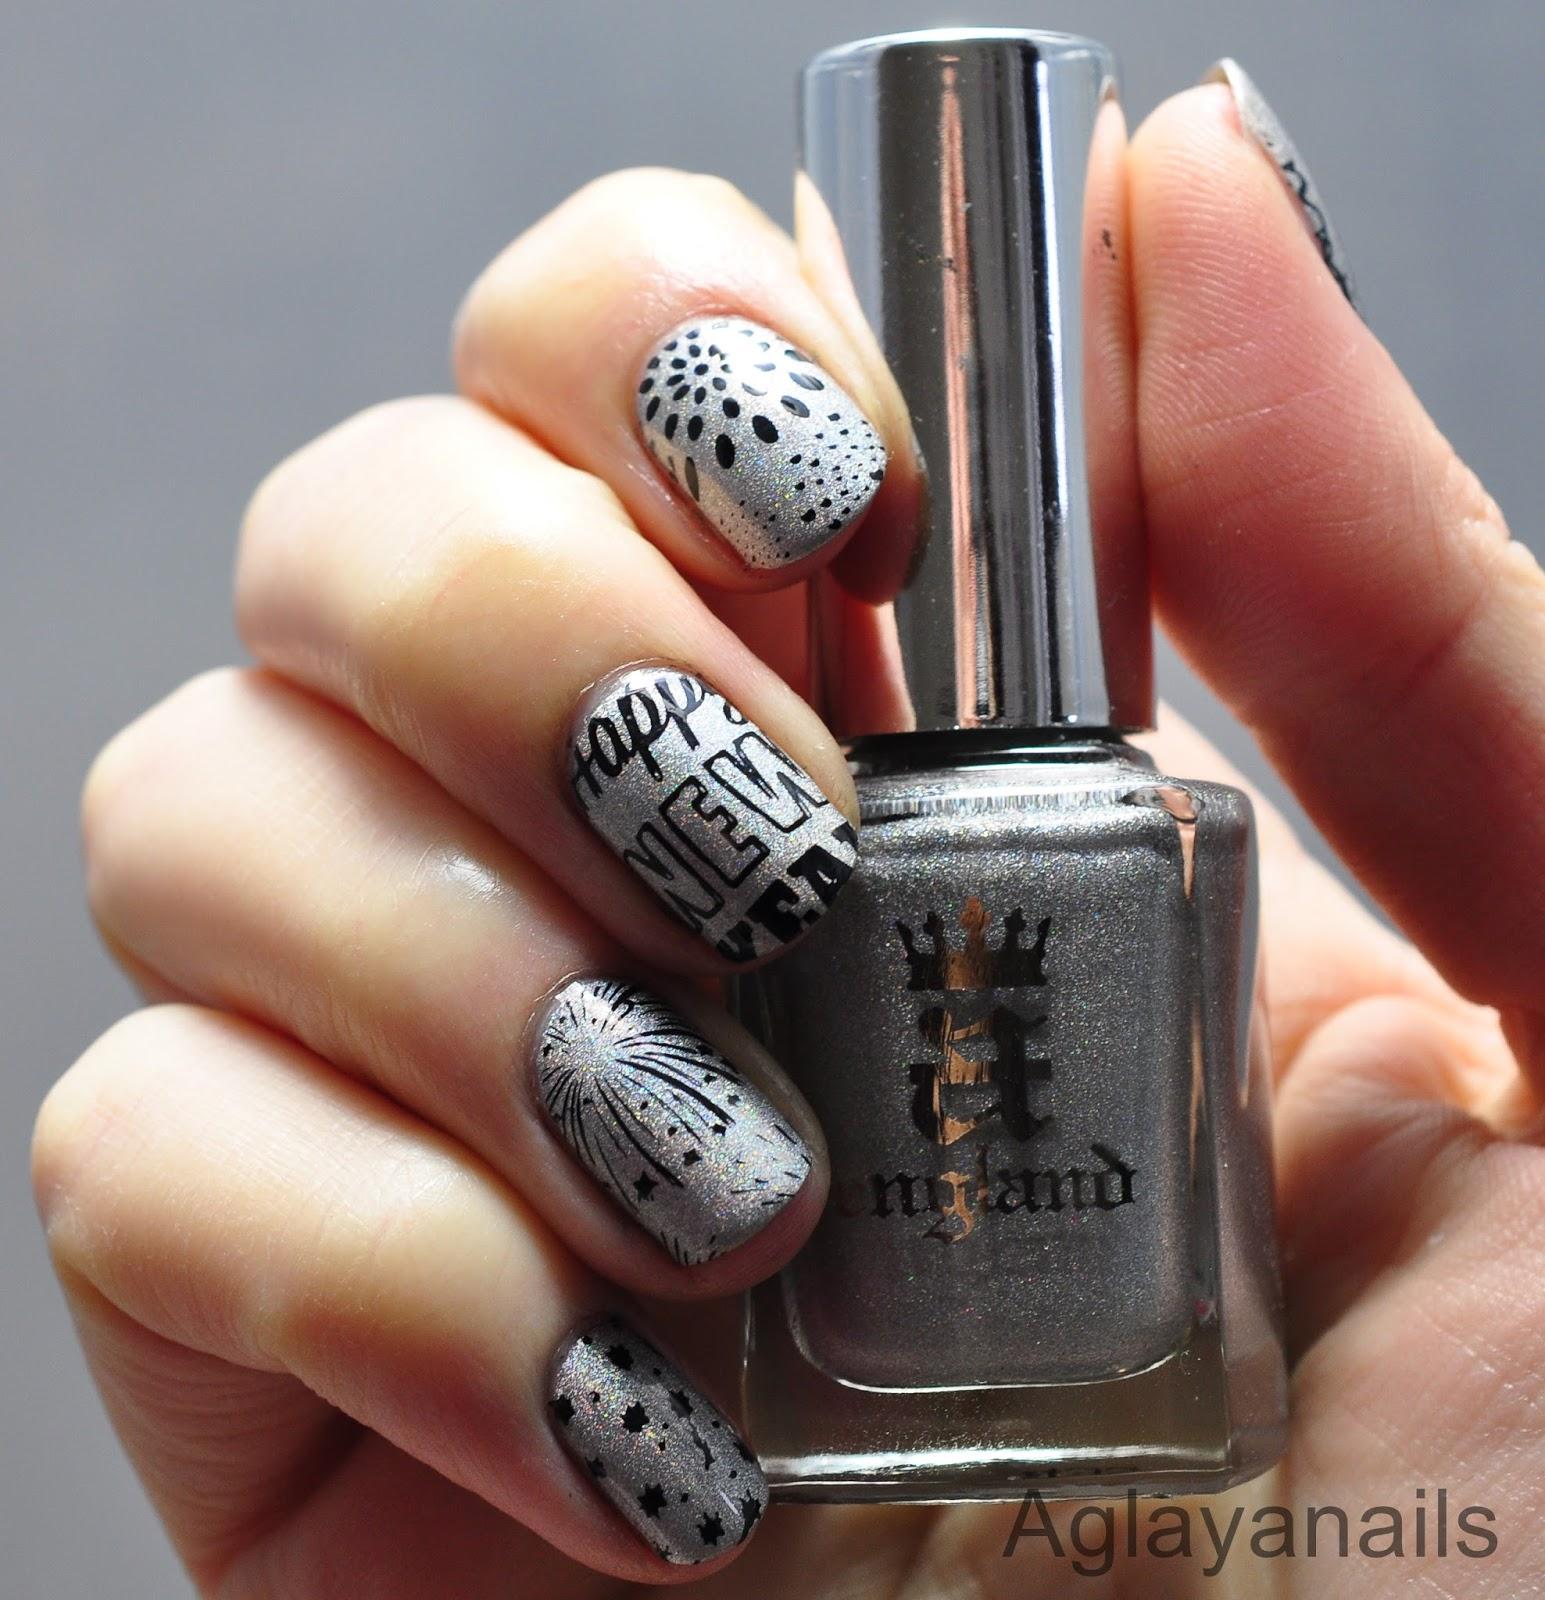 Aglayanails 26 great nail art ideas new year new you 26 great nail art ideas new year new you prinsesfo Choice Image